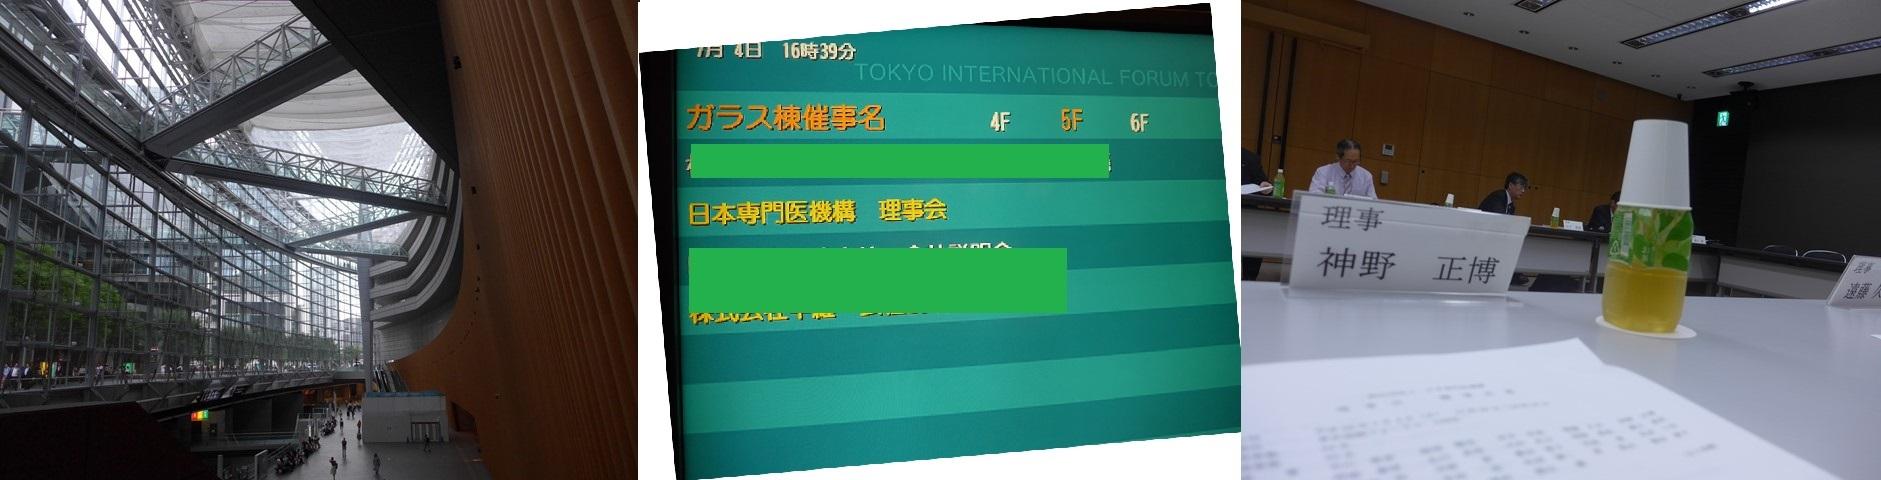 b0115629_21012113.jpg